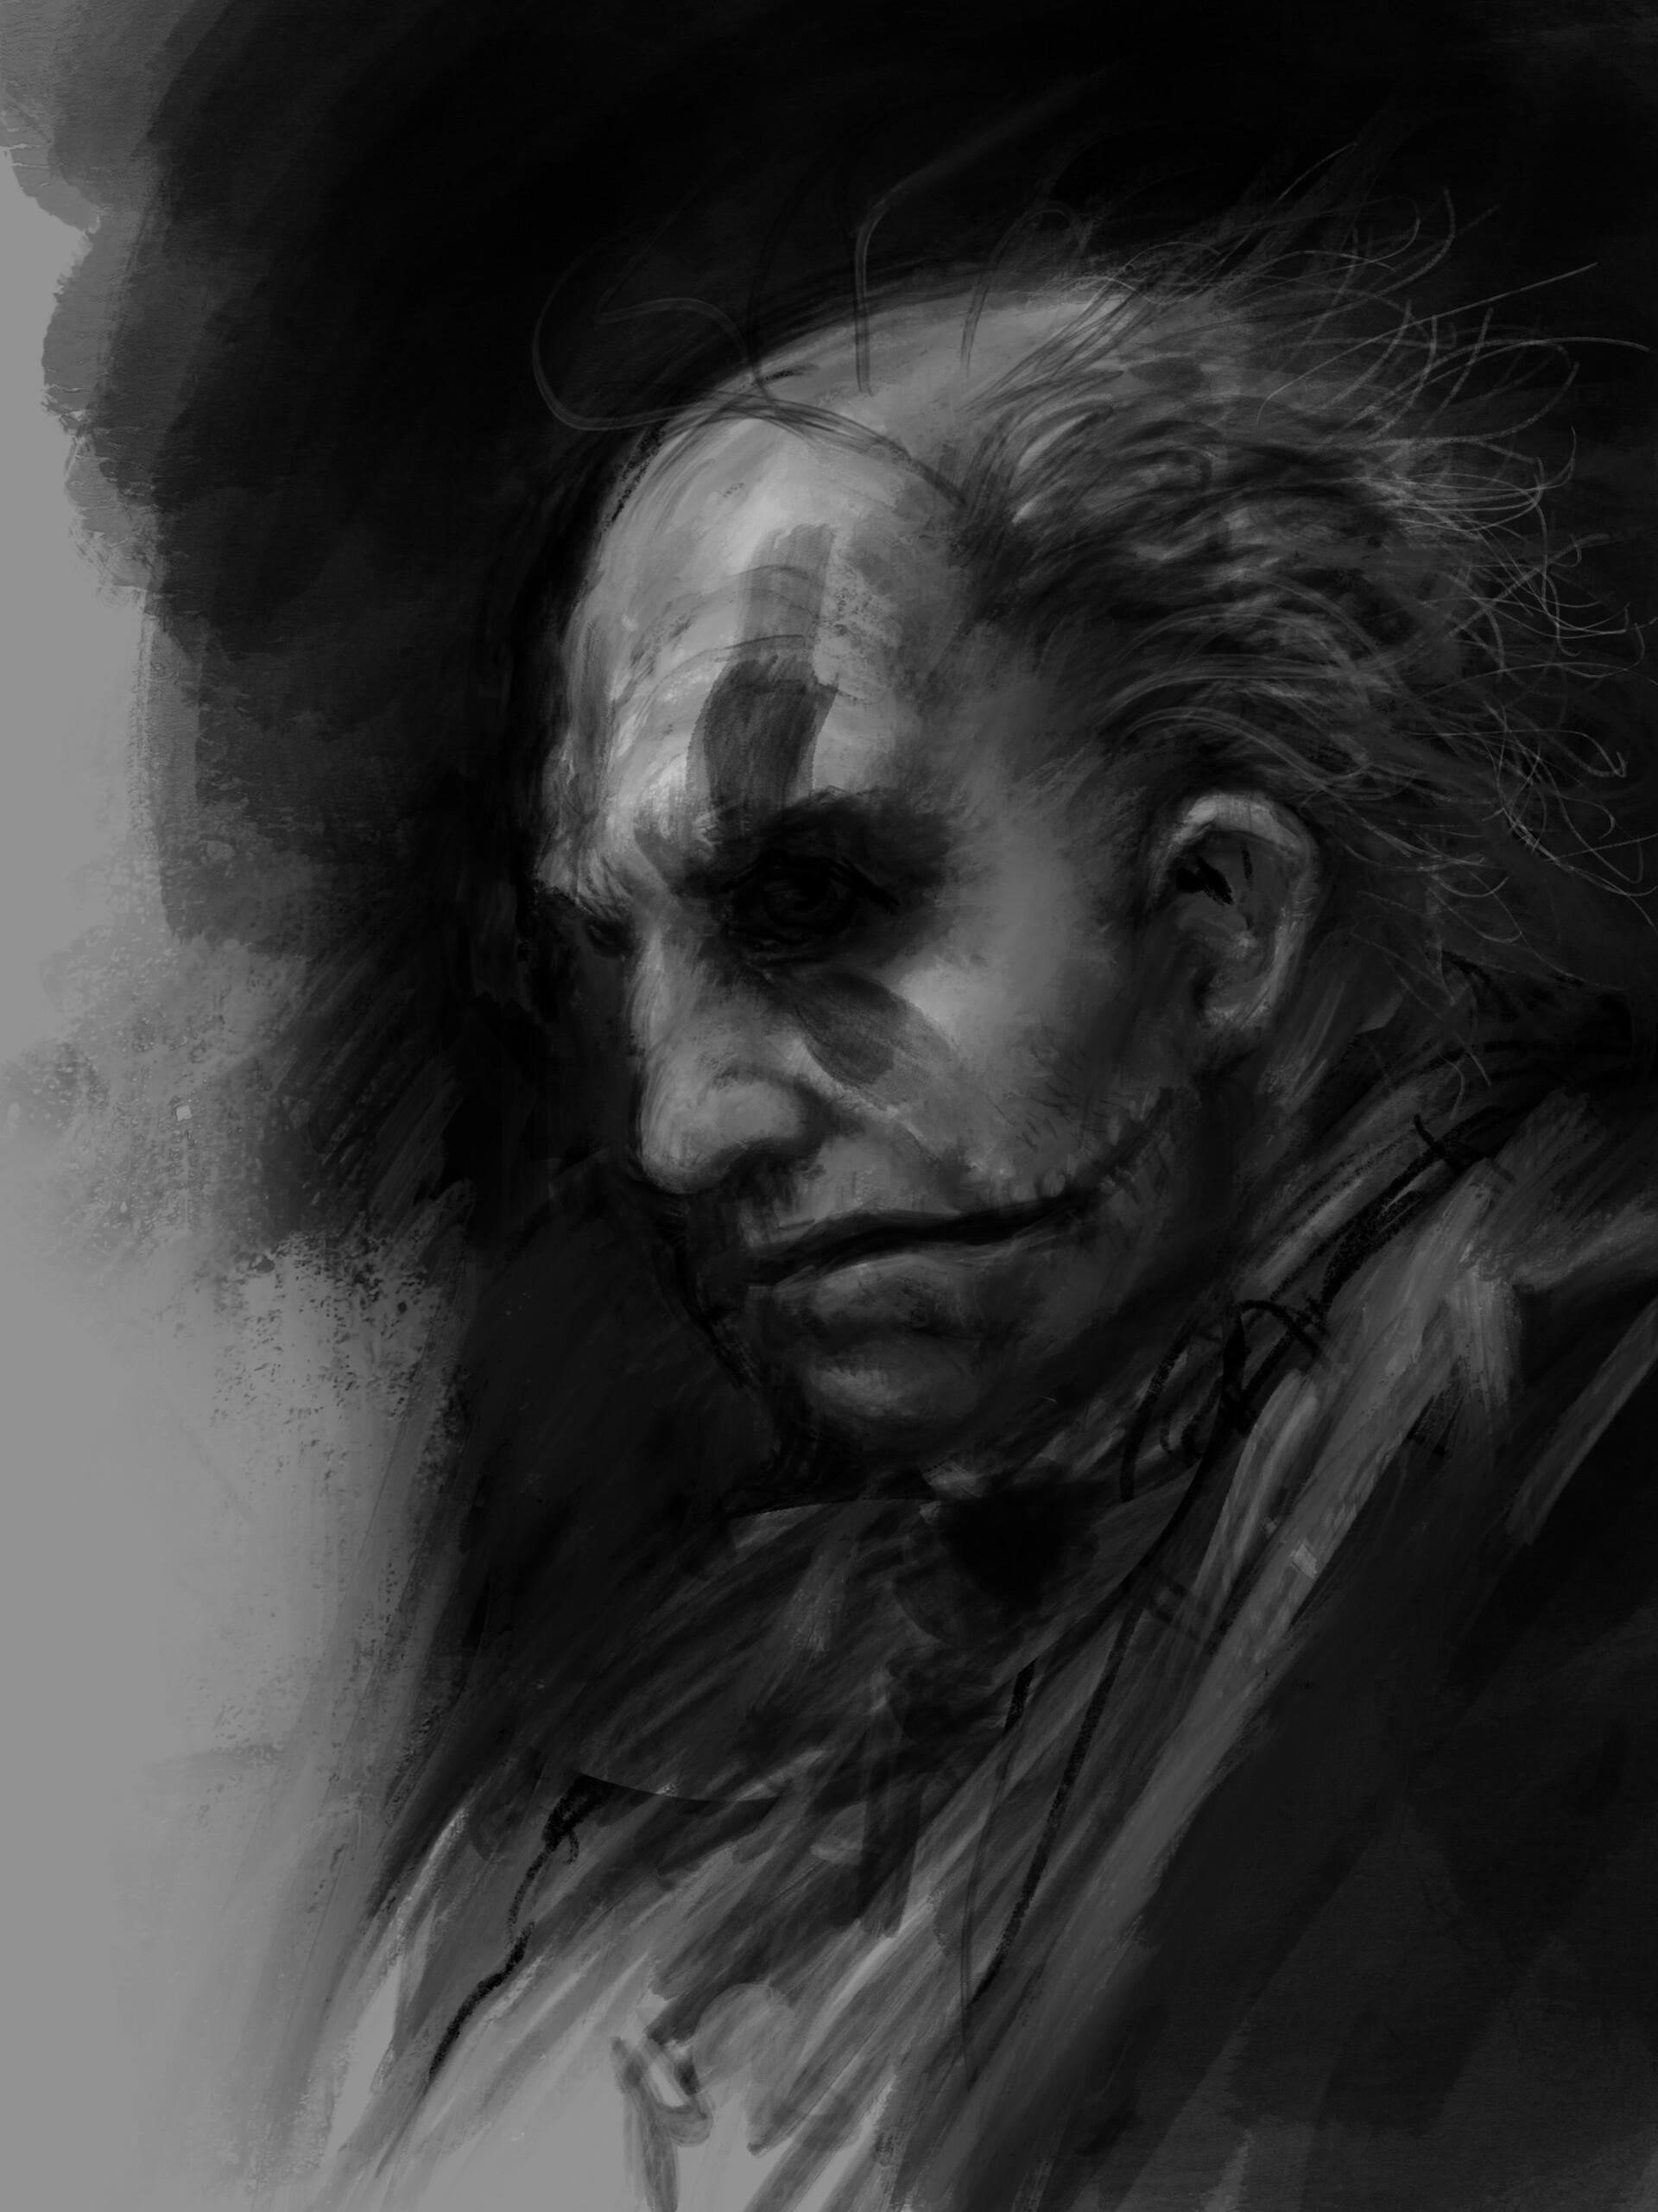 Joker at 60